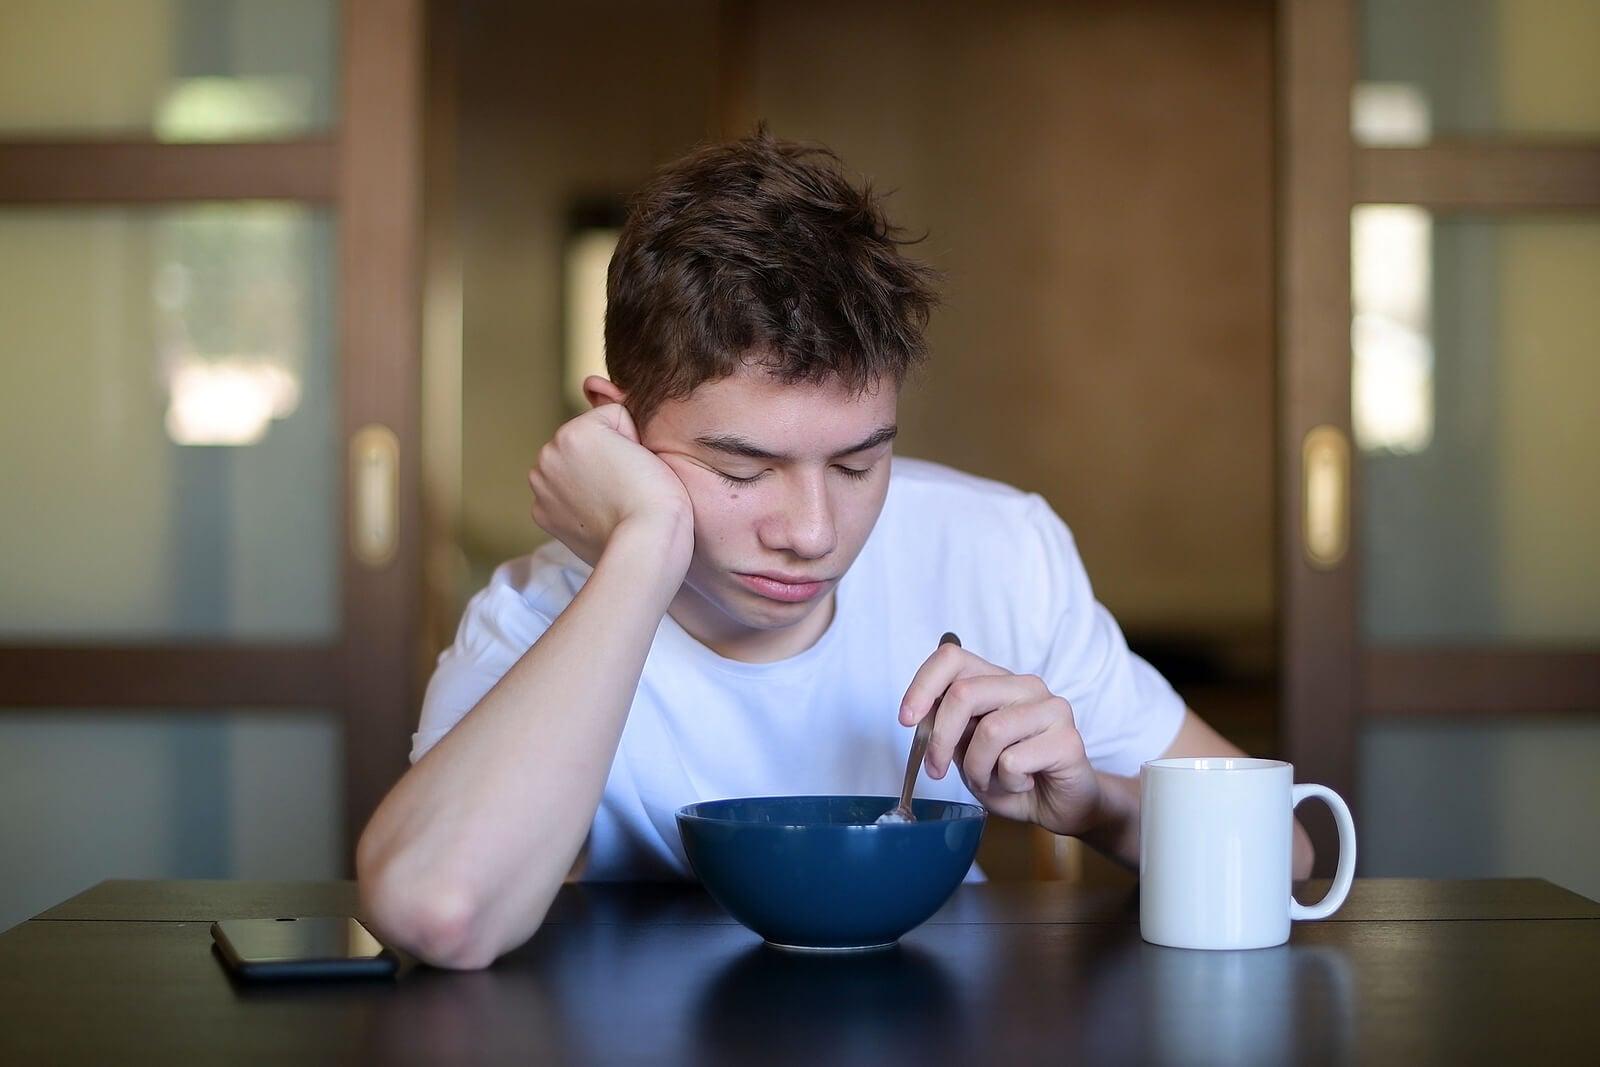 Adolescente desayunando con mucho sueño debido a que sufre el síndrome de fatiga crónica.